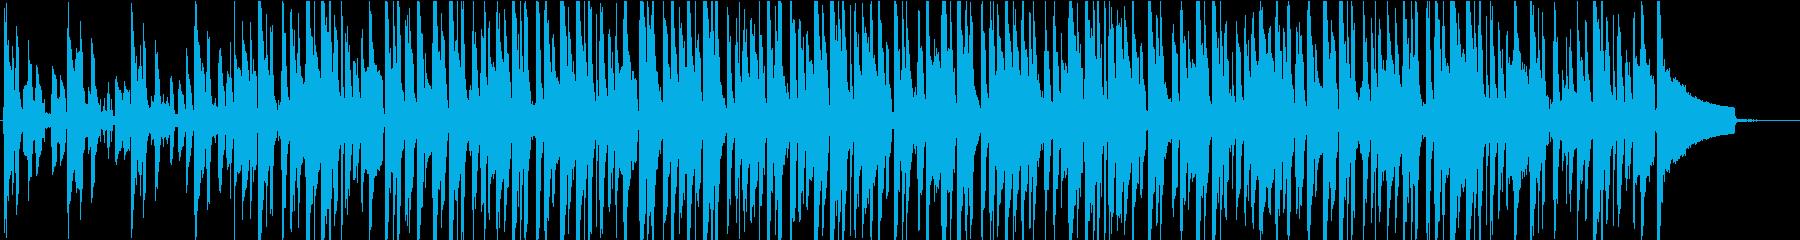 カリブ海の島のテーマ。お祝いのカリ...の再生済みの波形